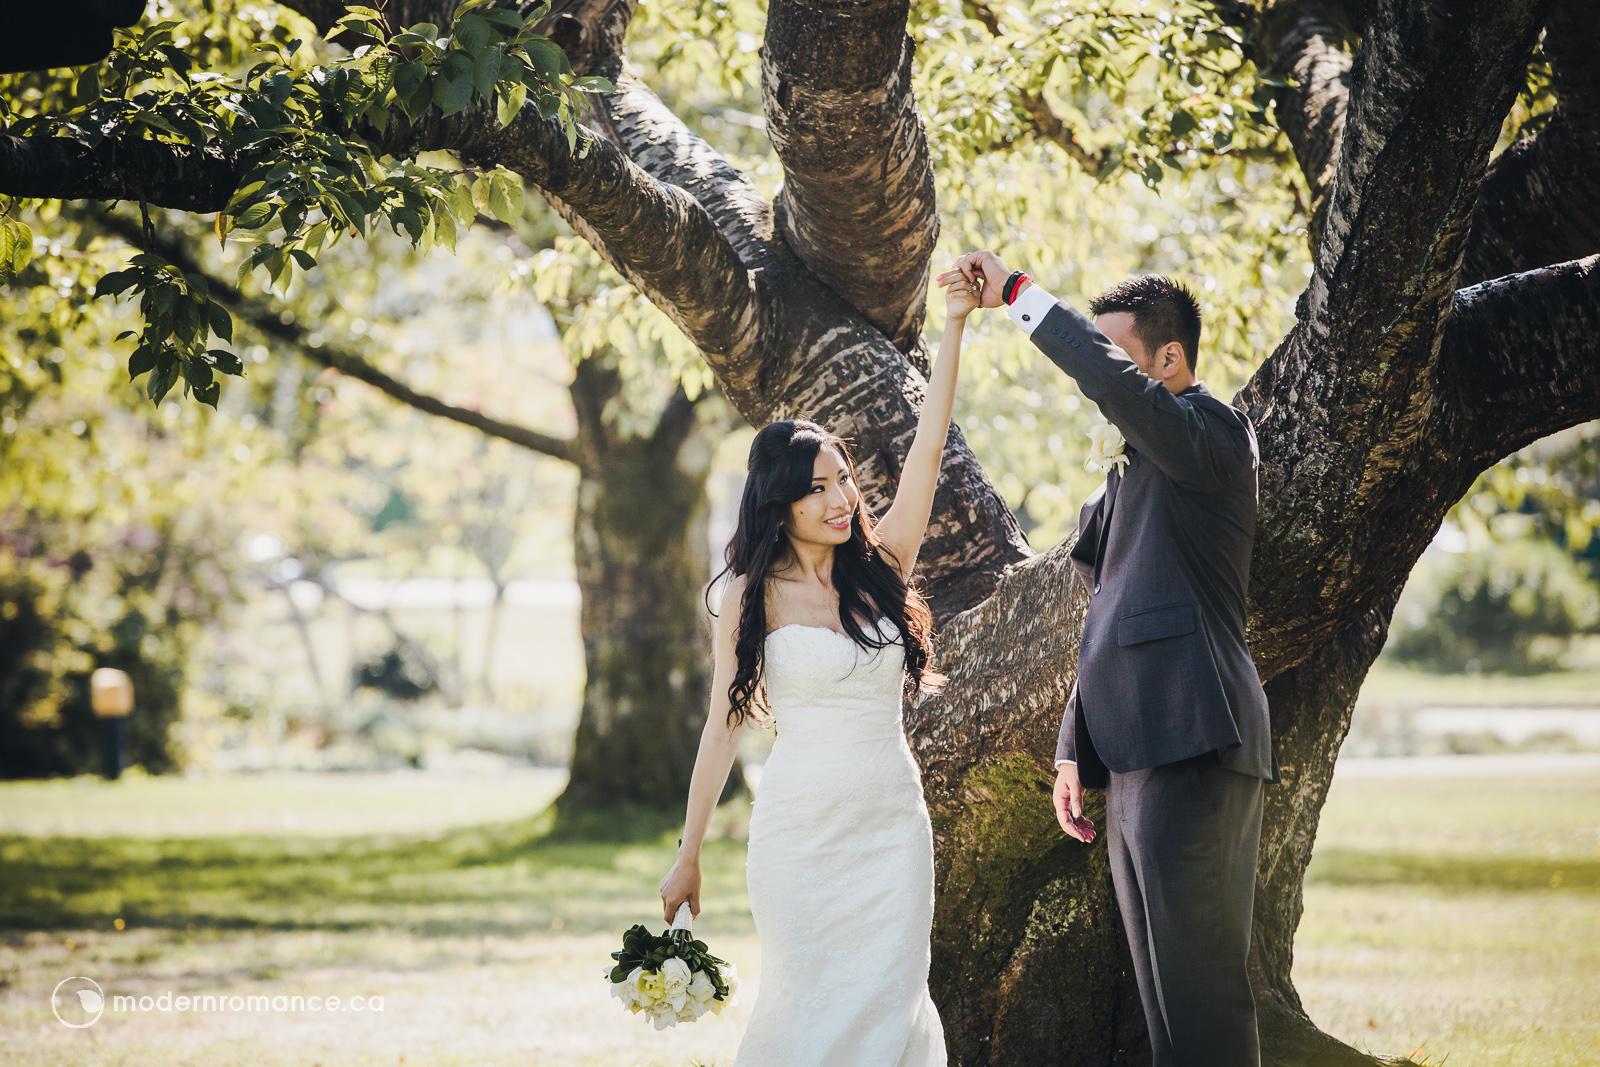 Modern-Romance-JennyAndy-3.1-087-4617.jpg